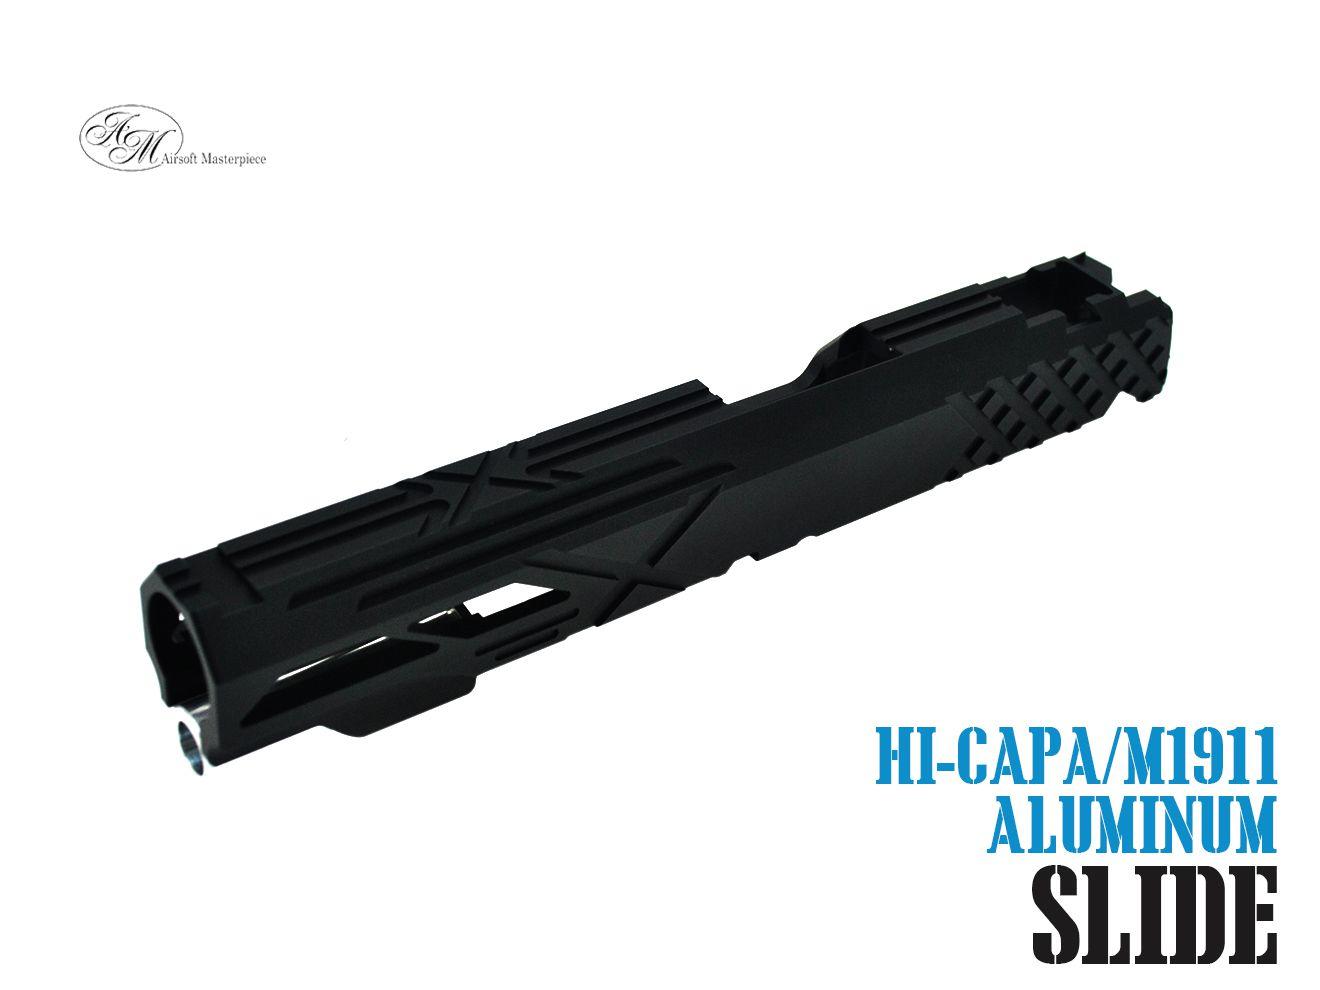 Airsoft Masterpiece Custom X2 スタンダード スライド For TM Hi-Capa/1911 GBB BK★黒 ブラック マスターピース Hi-CAPA M1911 ハンドガン